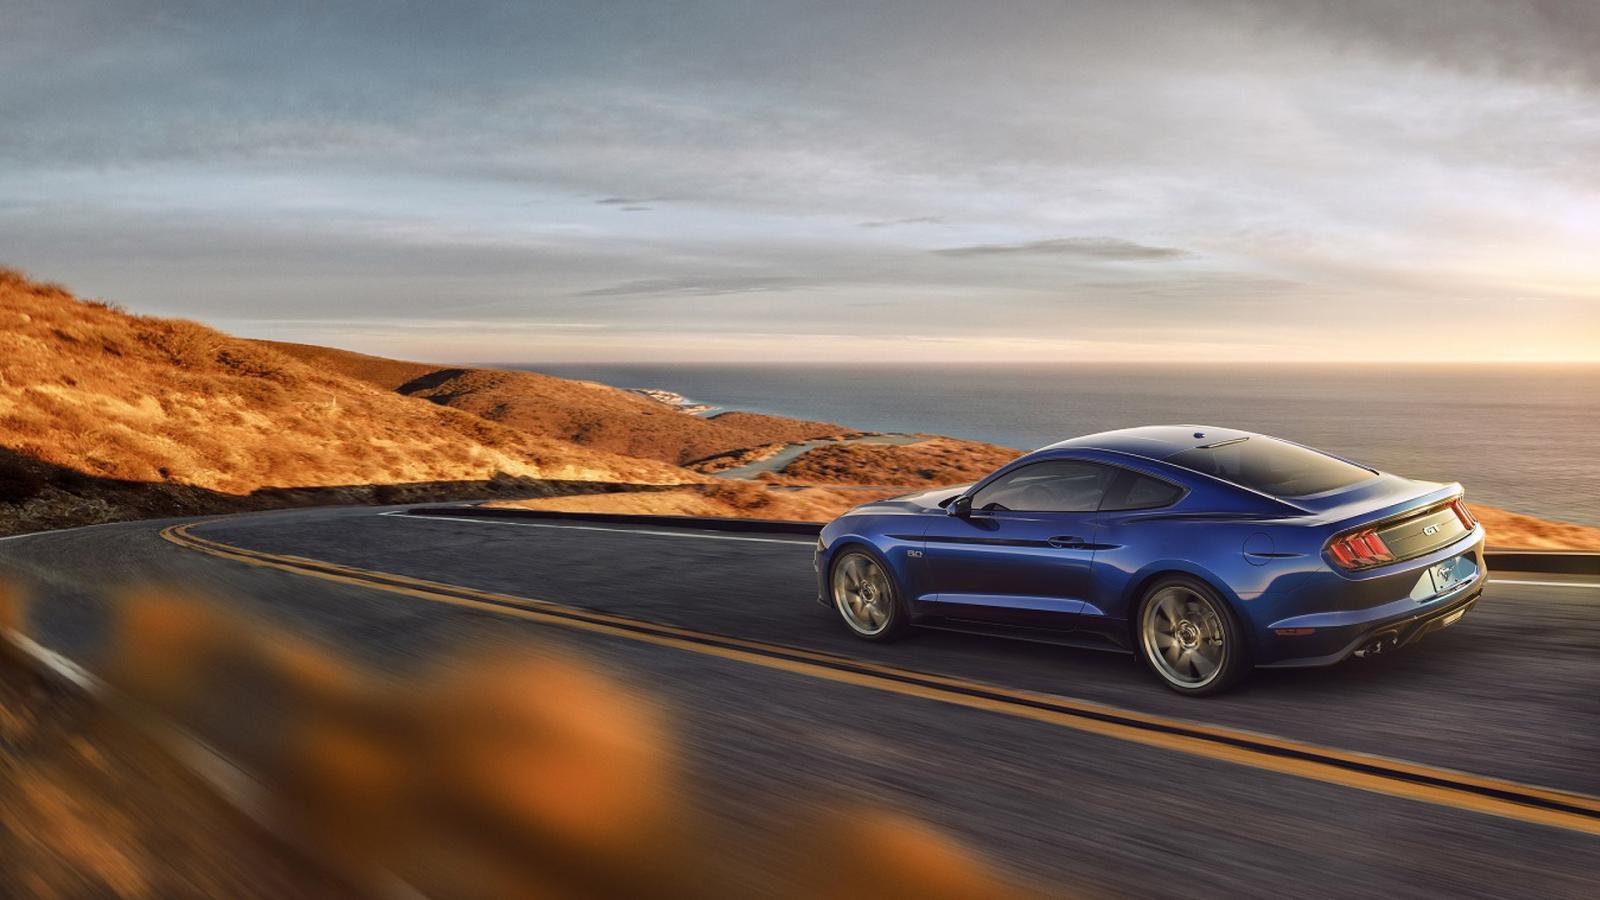 Улучшенный Форд Mustang получил 10-ступенчатый автомат